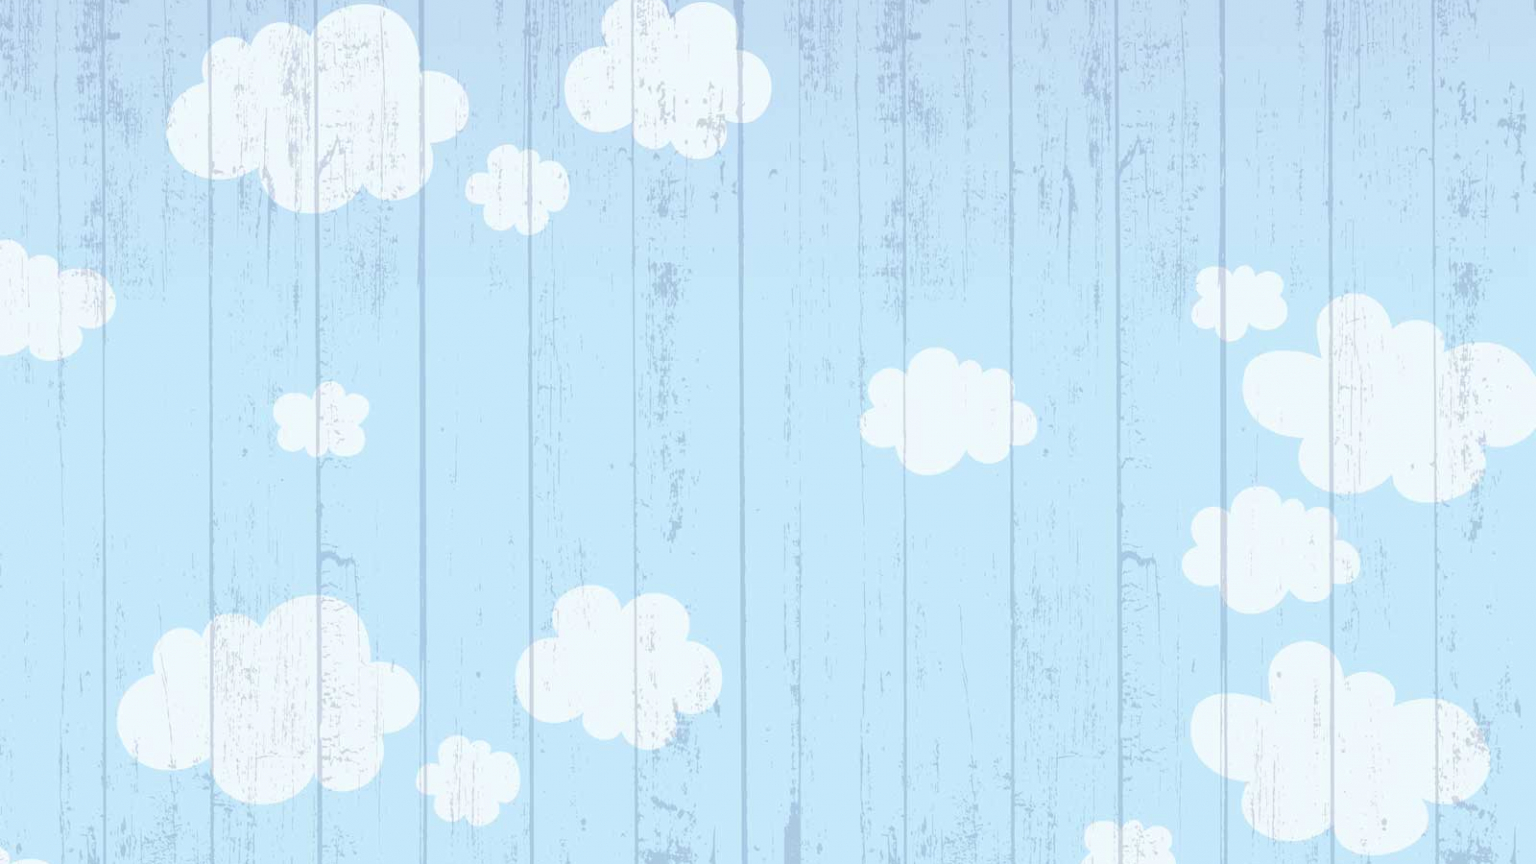 Free Download Blue Tumblr Backgrounds Dark Blue Tumblr Backgrounds Light Blue Tumblr 1600x997 For Your Desktop Mobile Tablet Explore 50 Baby Blue Wallpaper Tumblr Cute Blue Wallpaper Tumblr Iphone